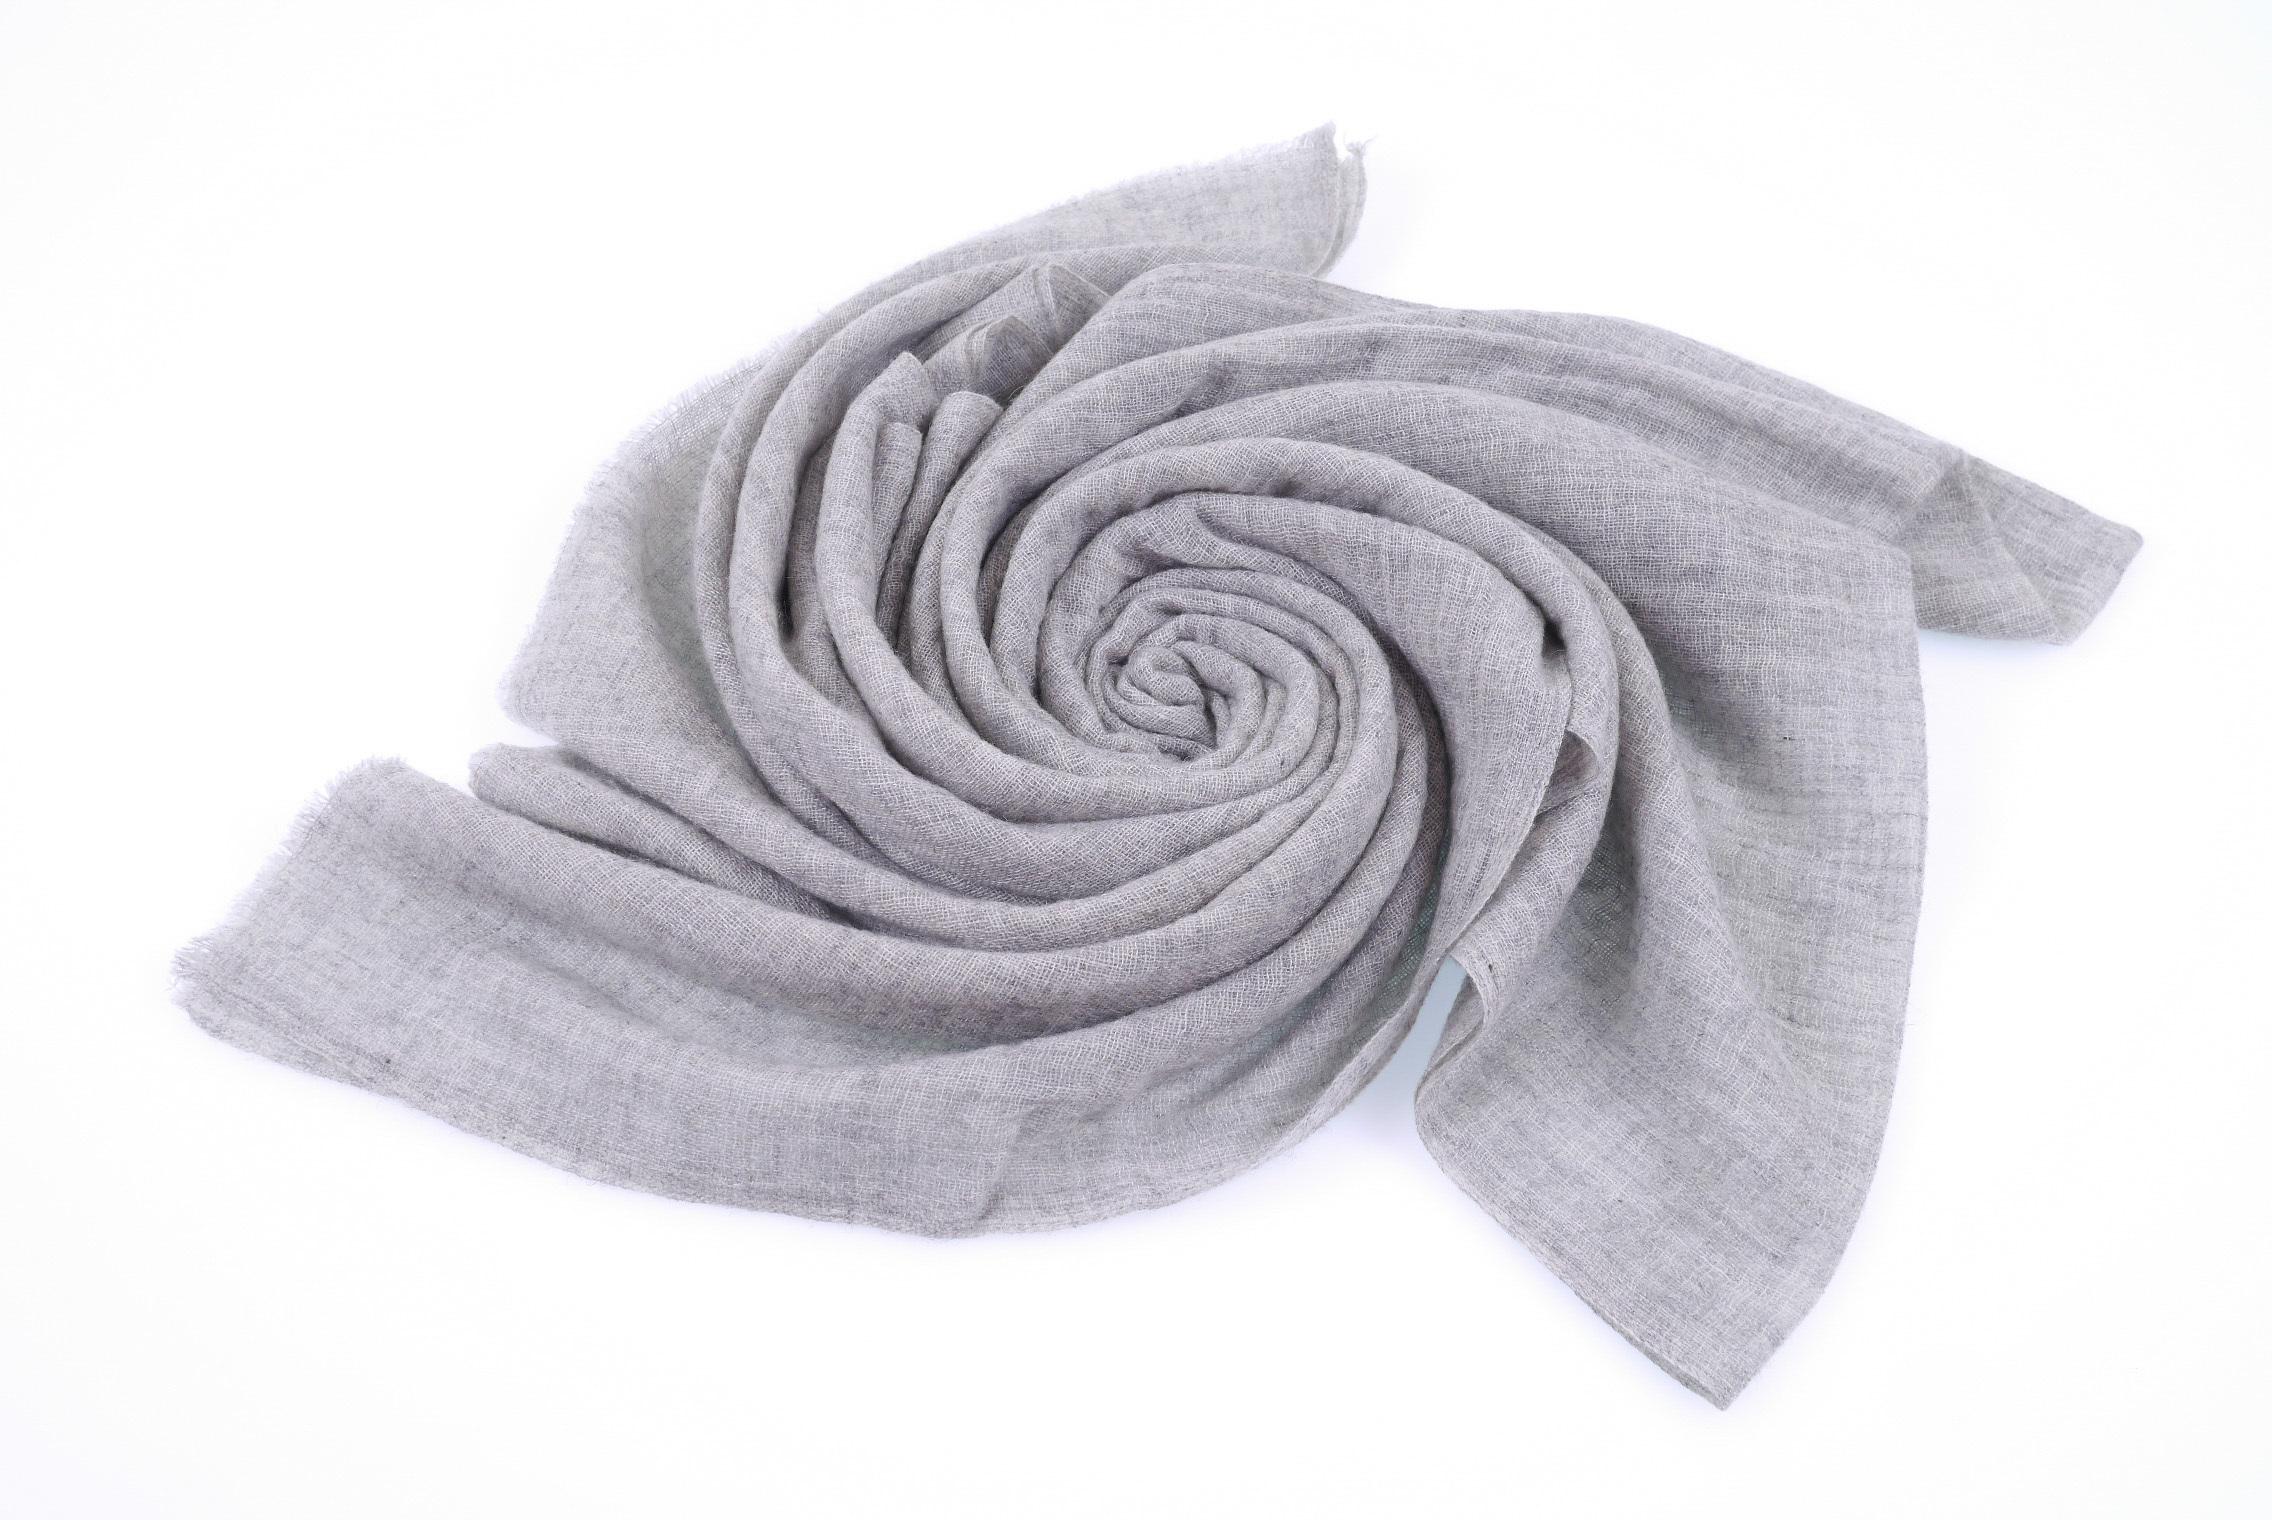 zh喀什米爾圍巾BQCASF032-4.jpg